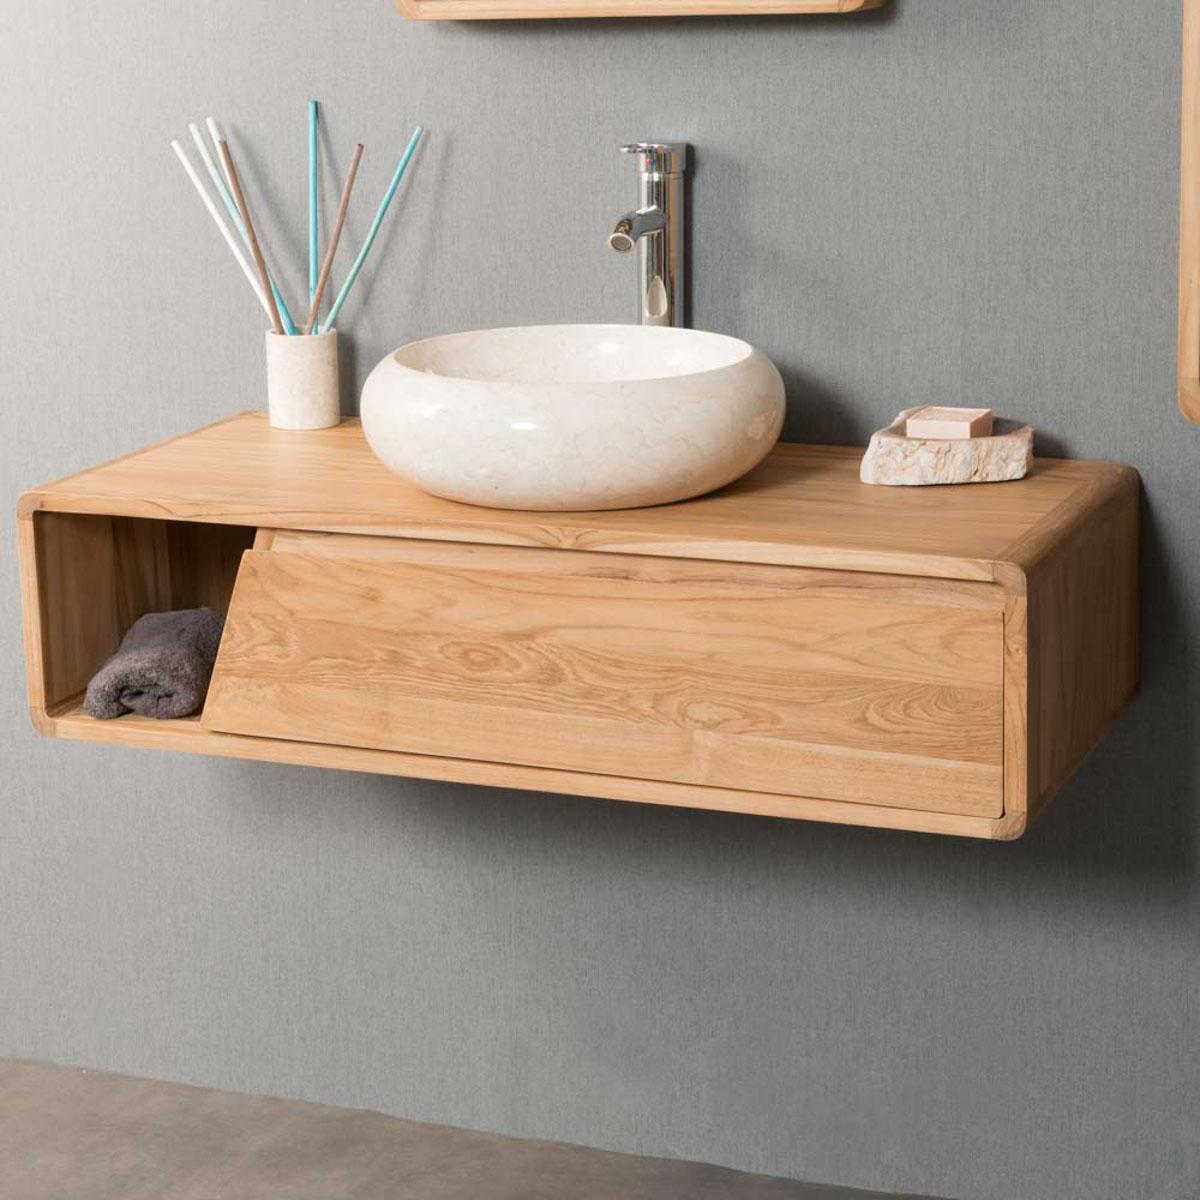 meuble salle de bain suspendu teck milo 100. Black Bedroom Furniture Sets. Home Design Ideas